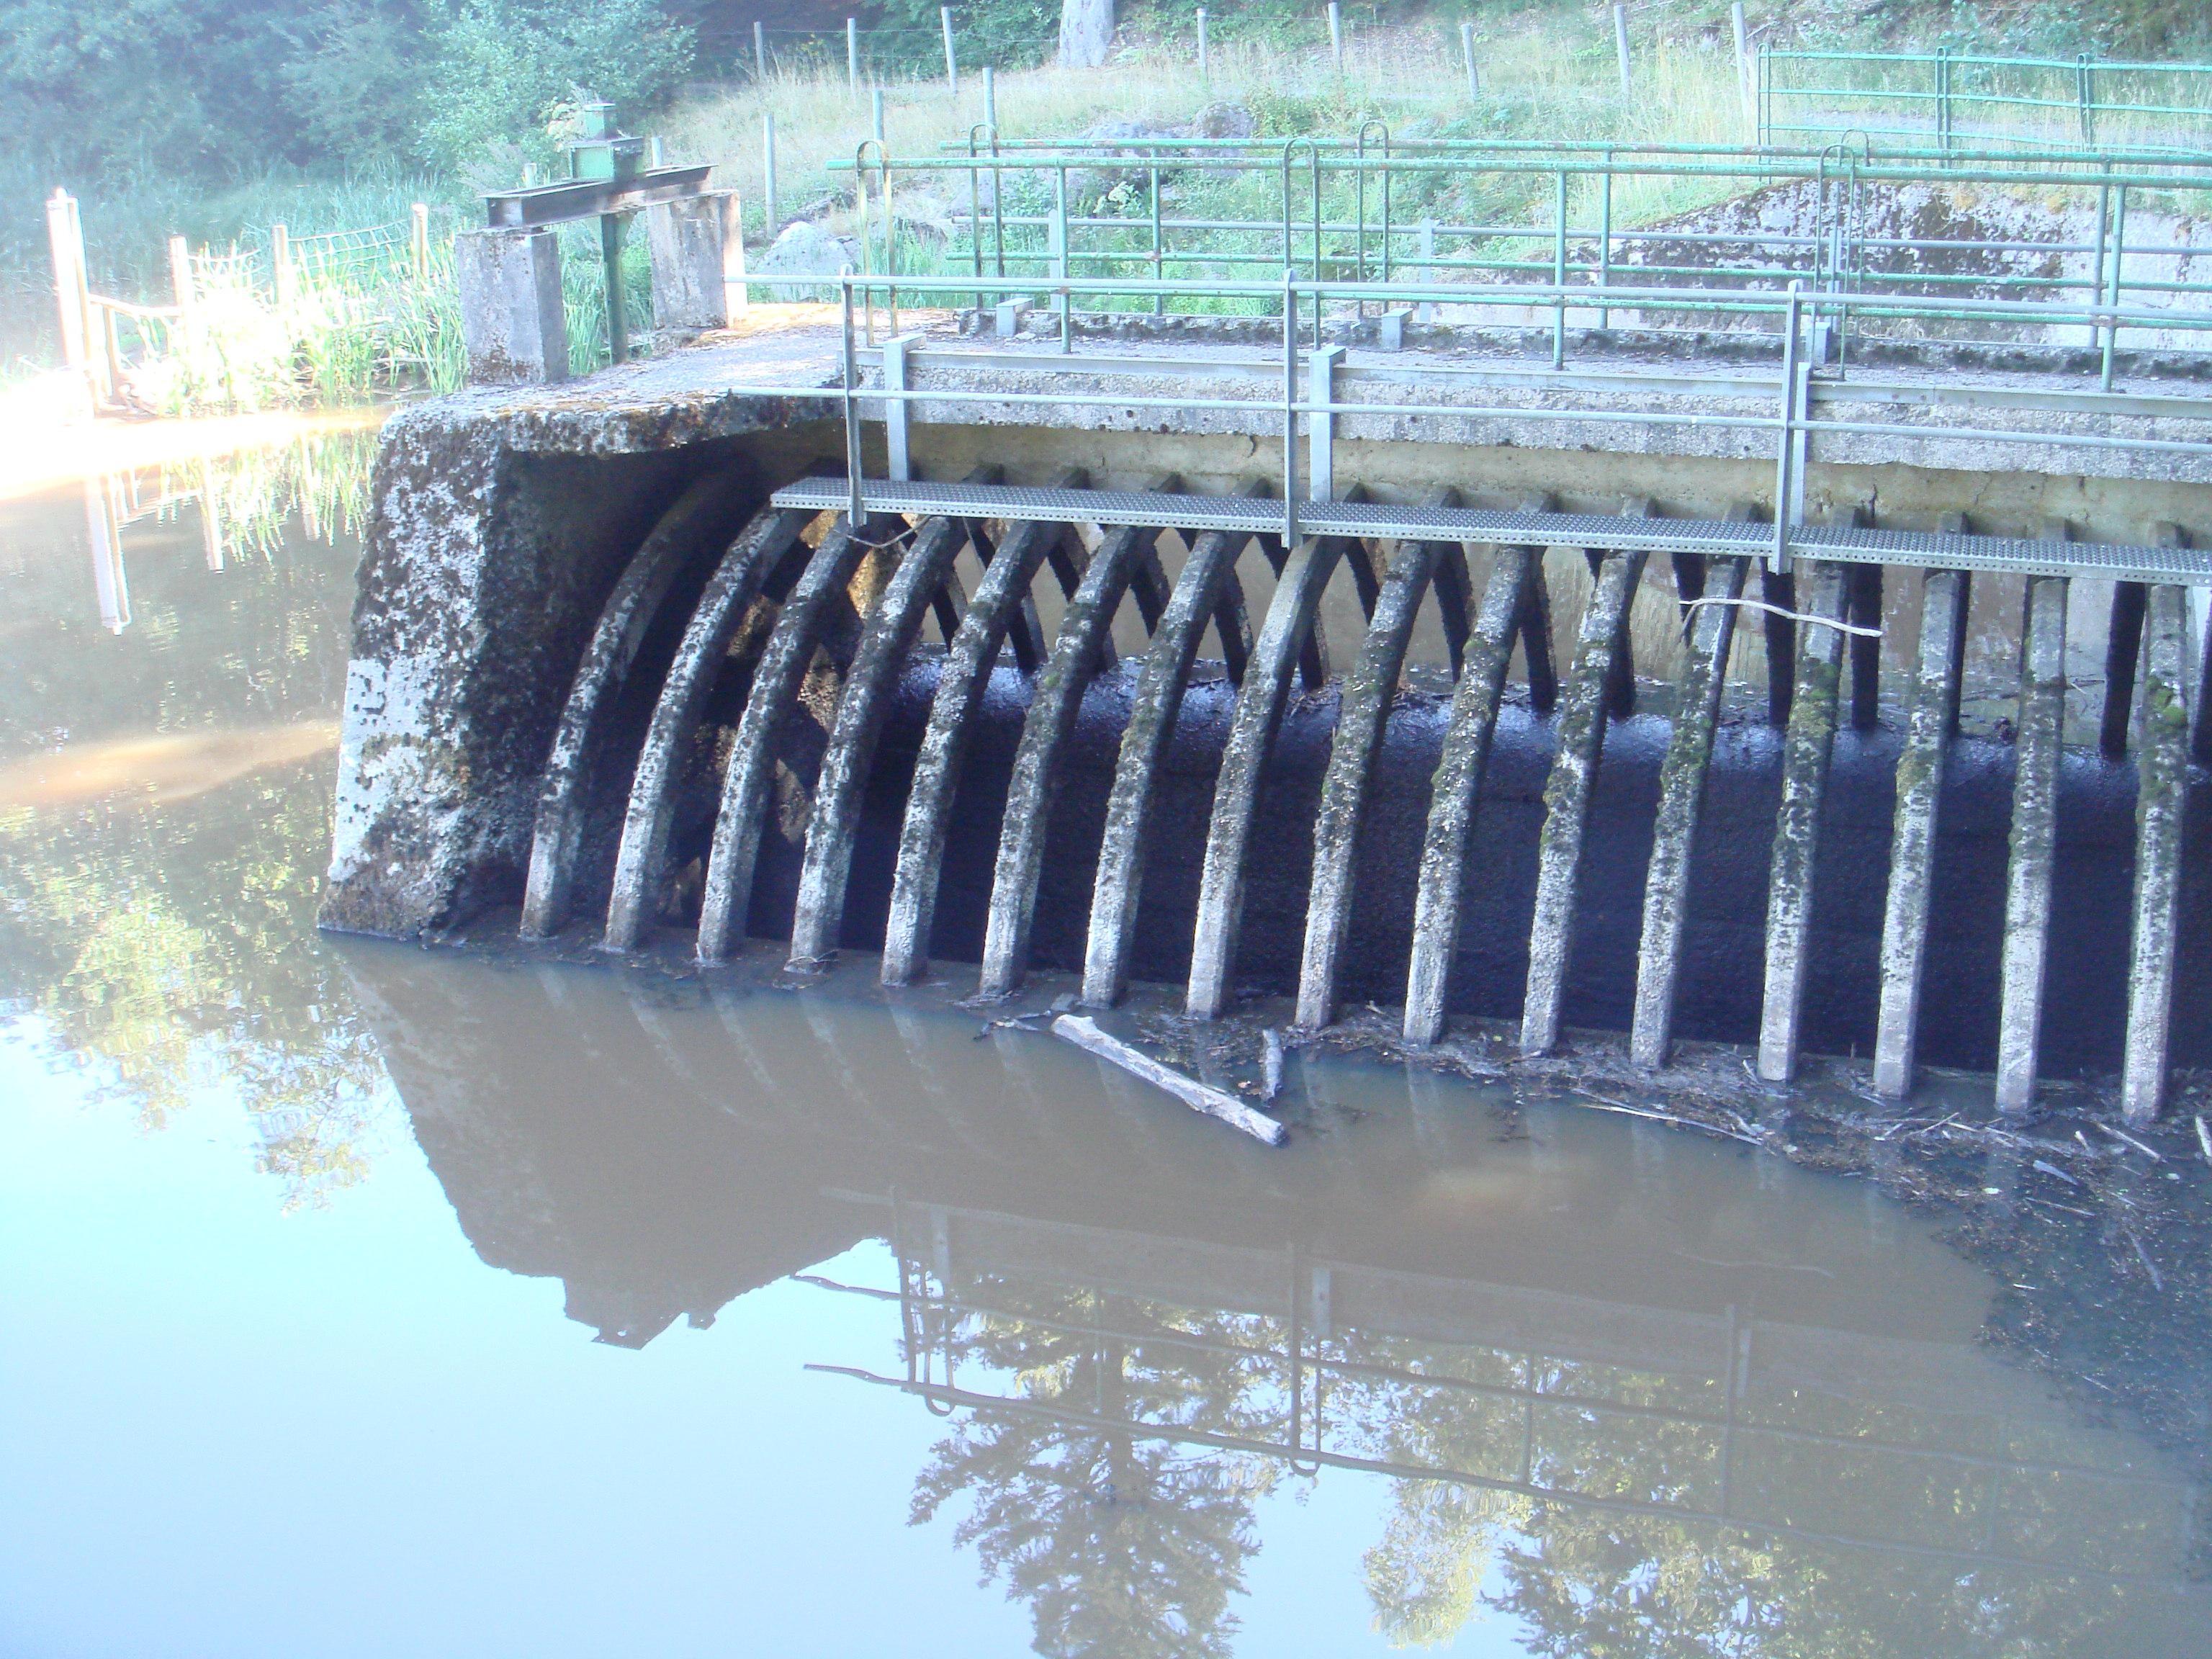 Départ de la dérivation du Tact vers le lac naturel de La Crégut